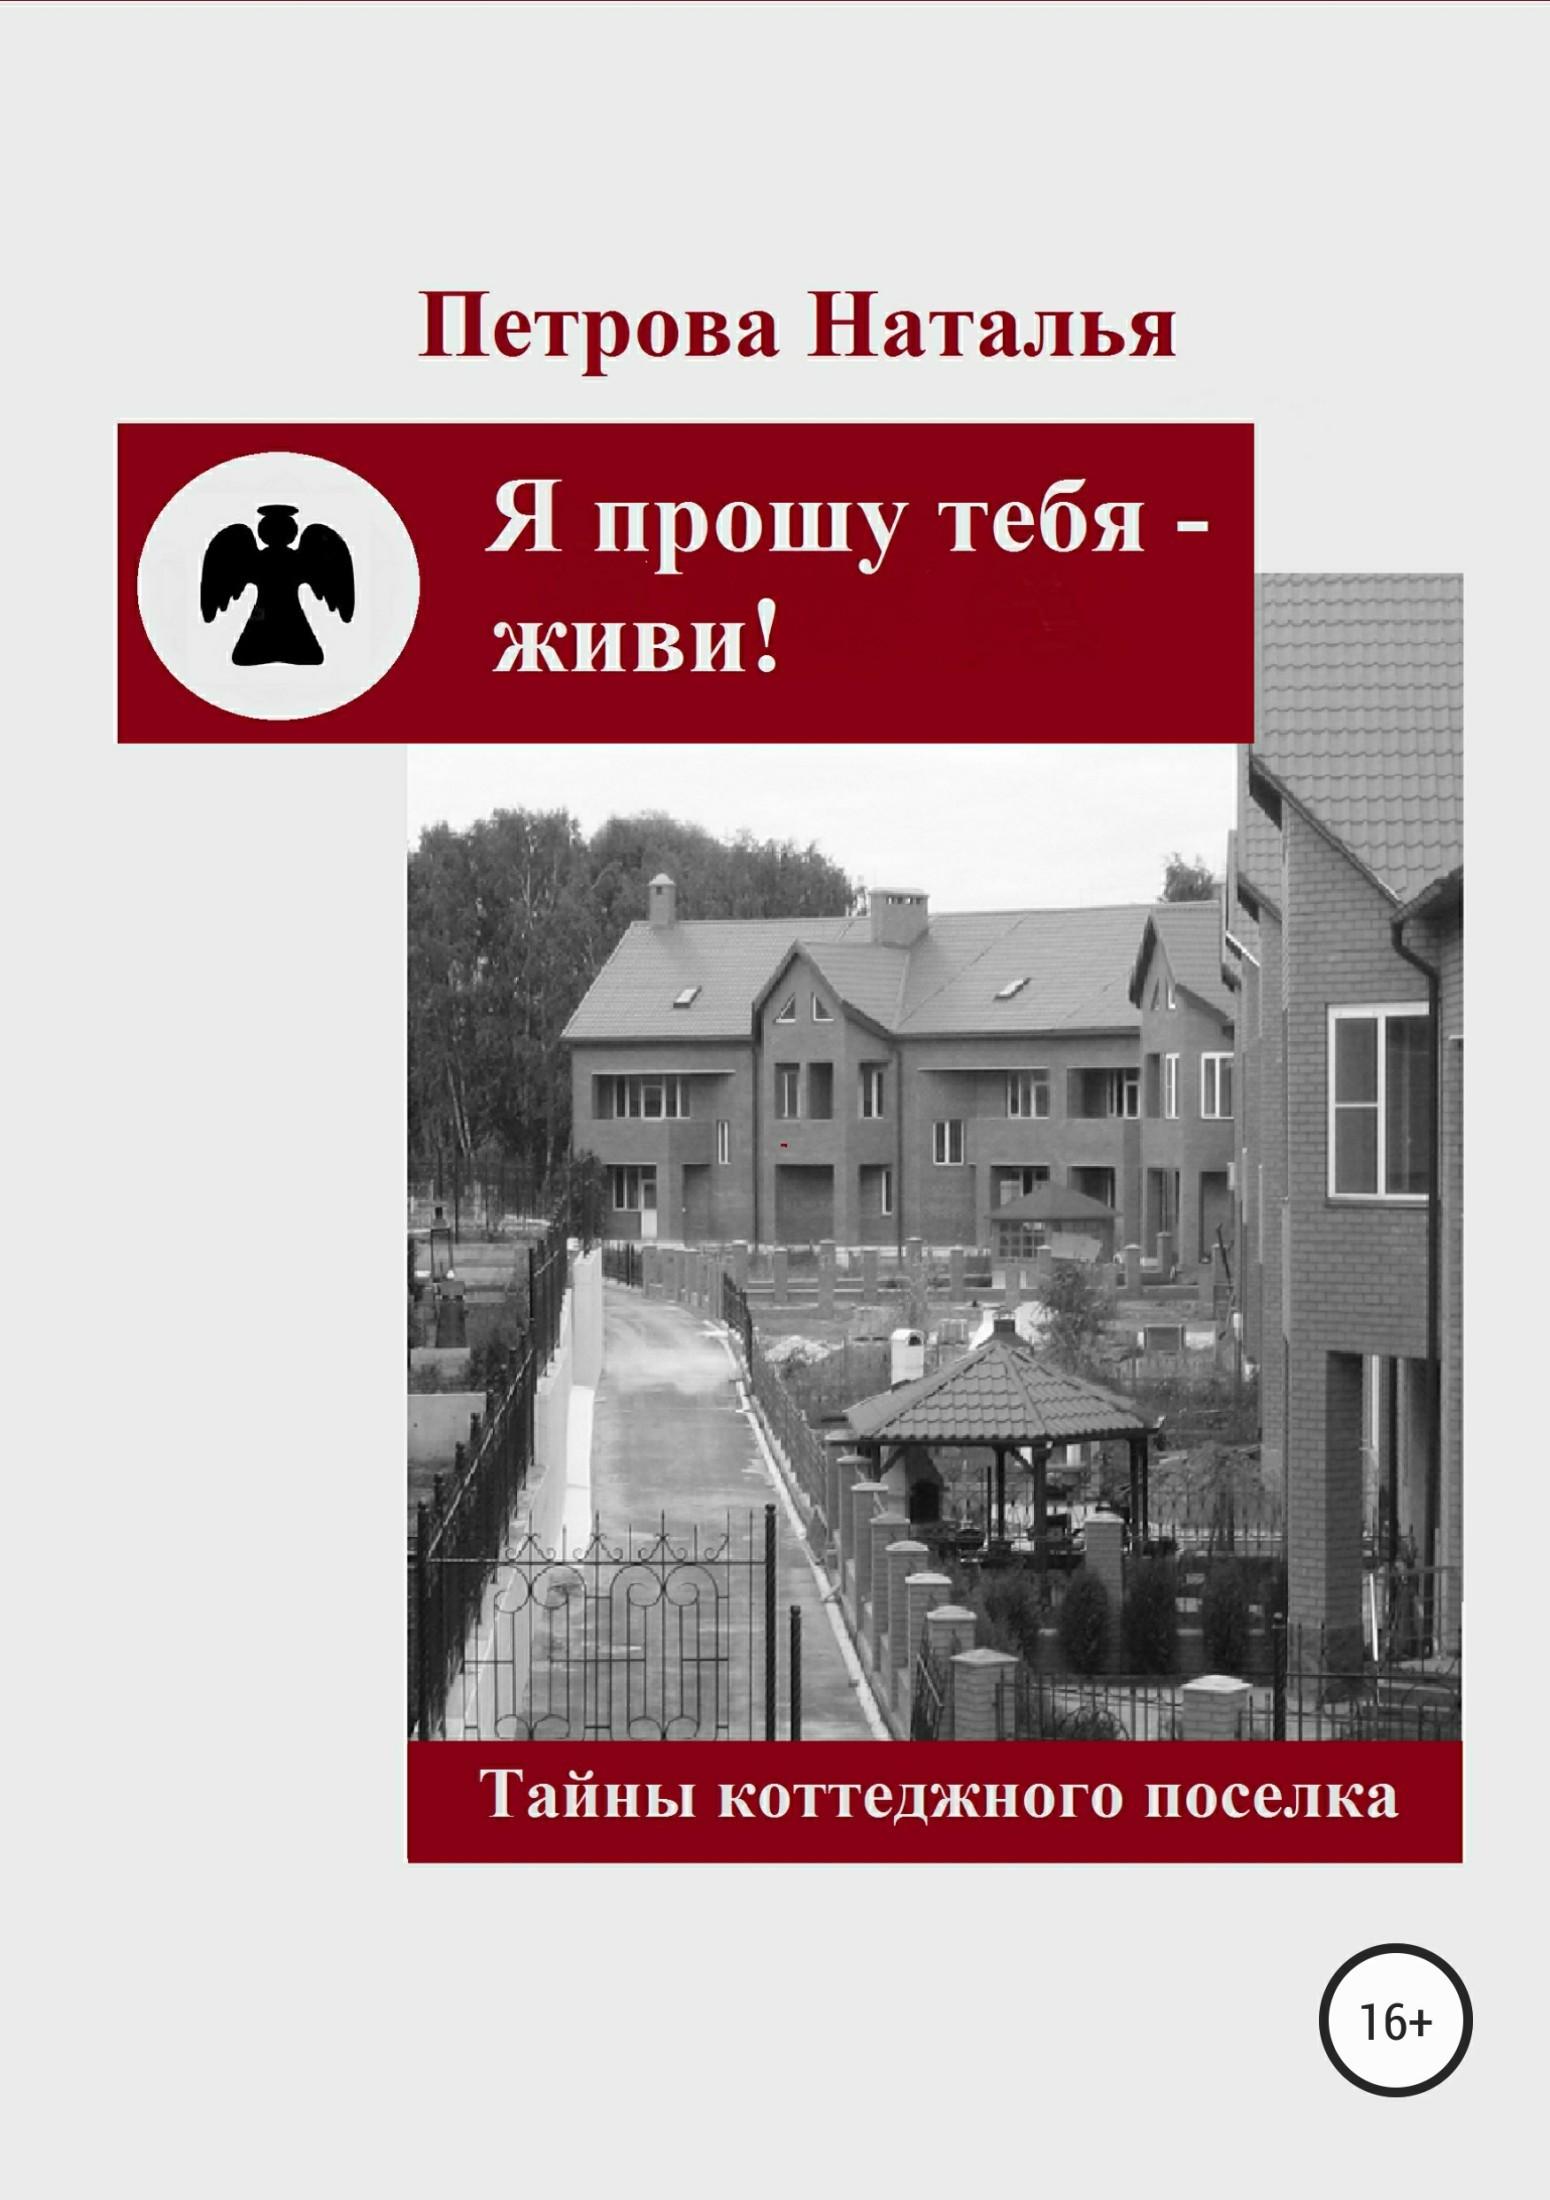 Наталья Владиславовна Петрова бесплатно